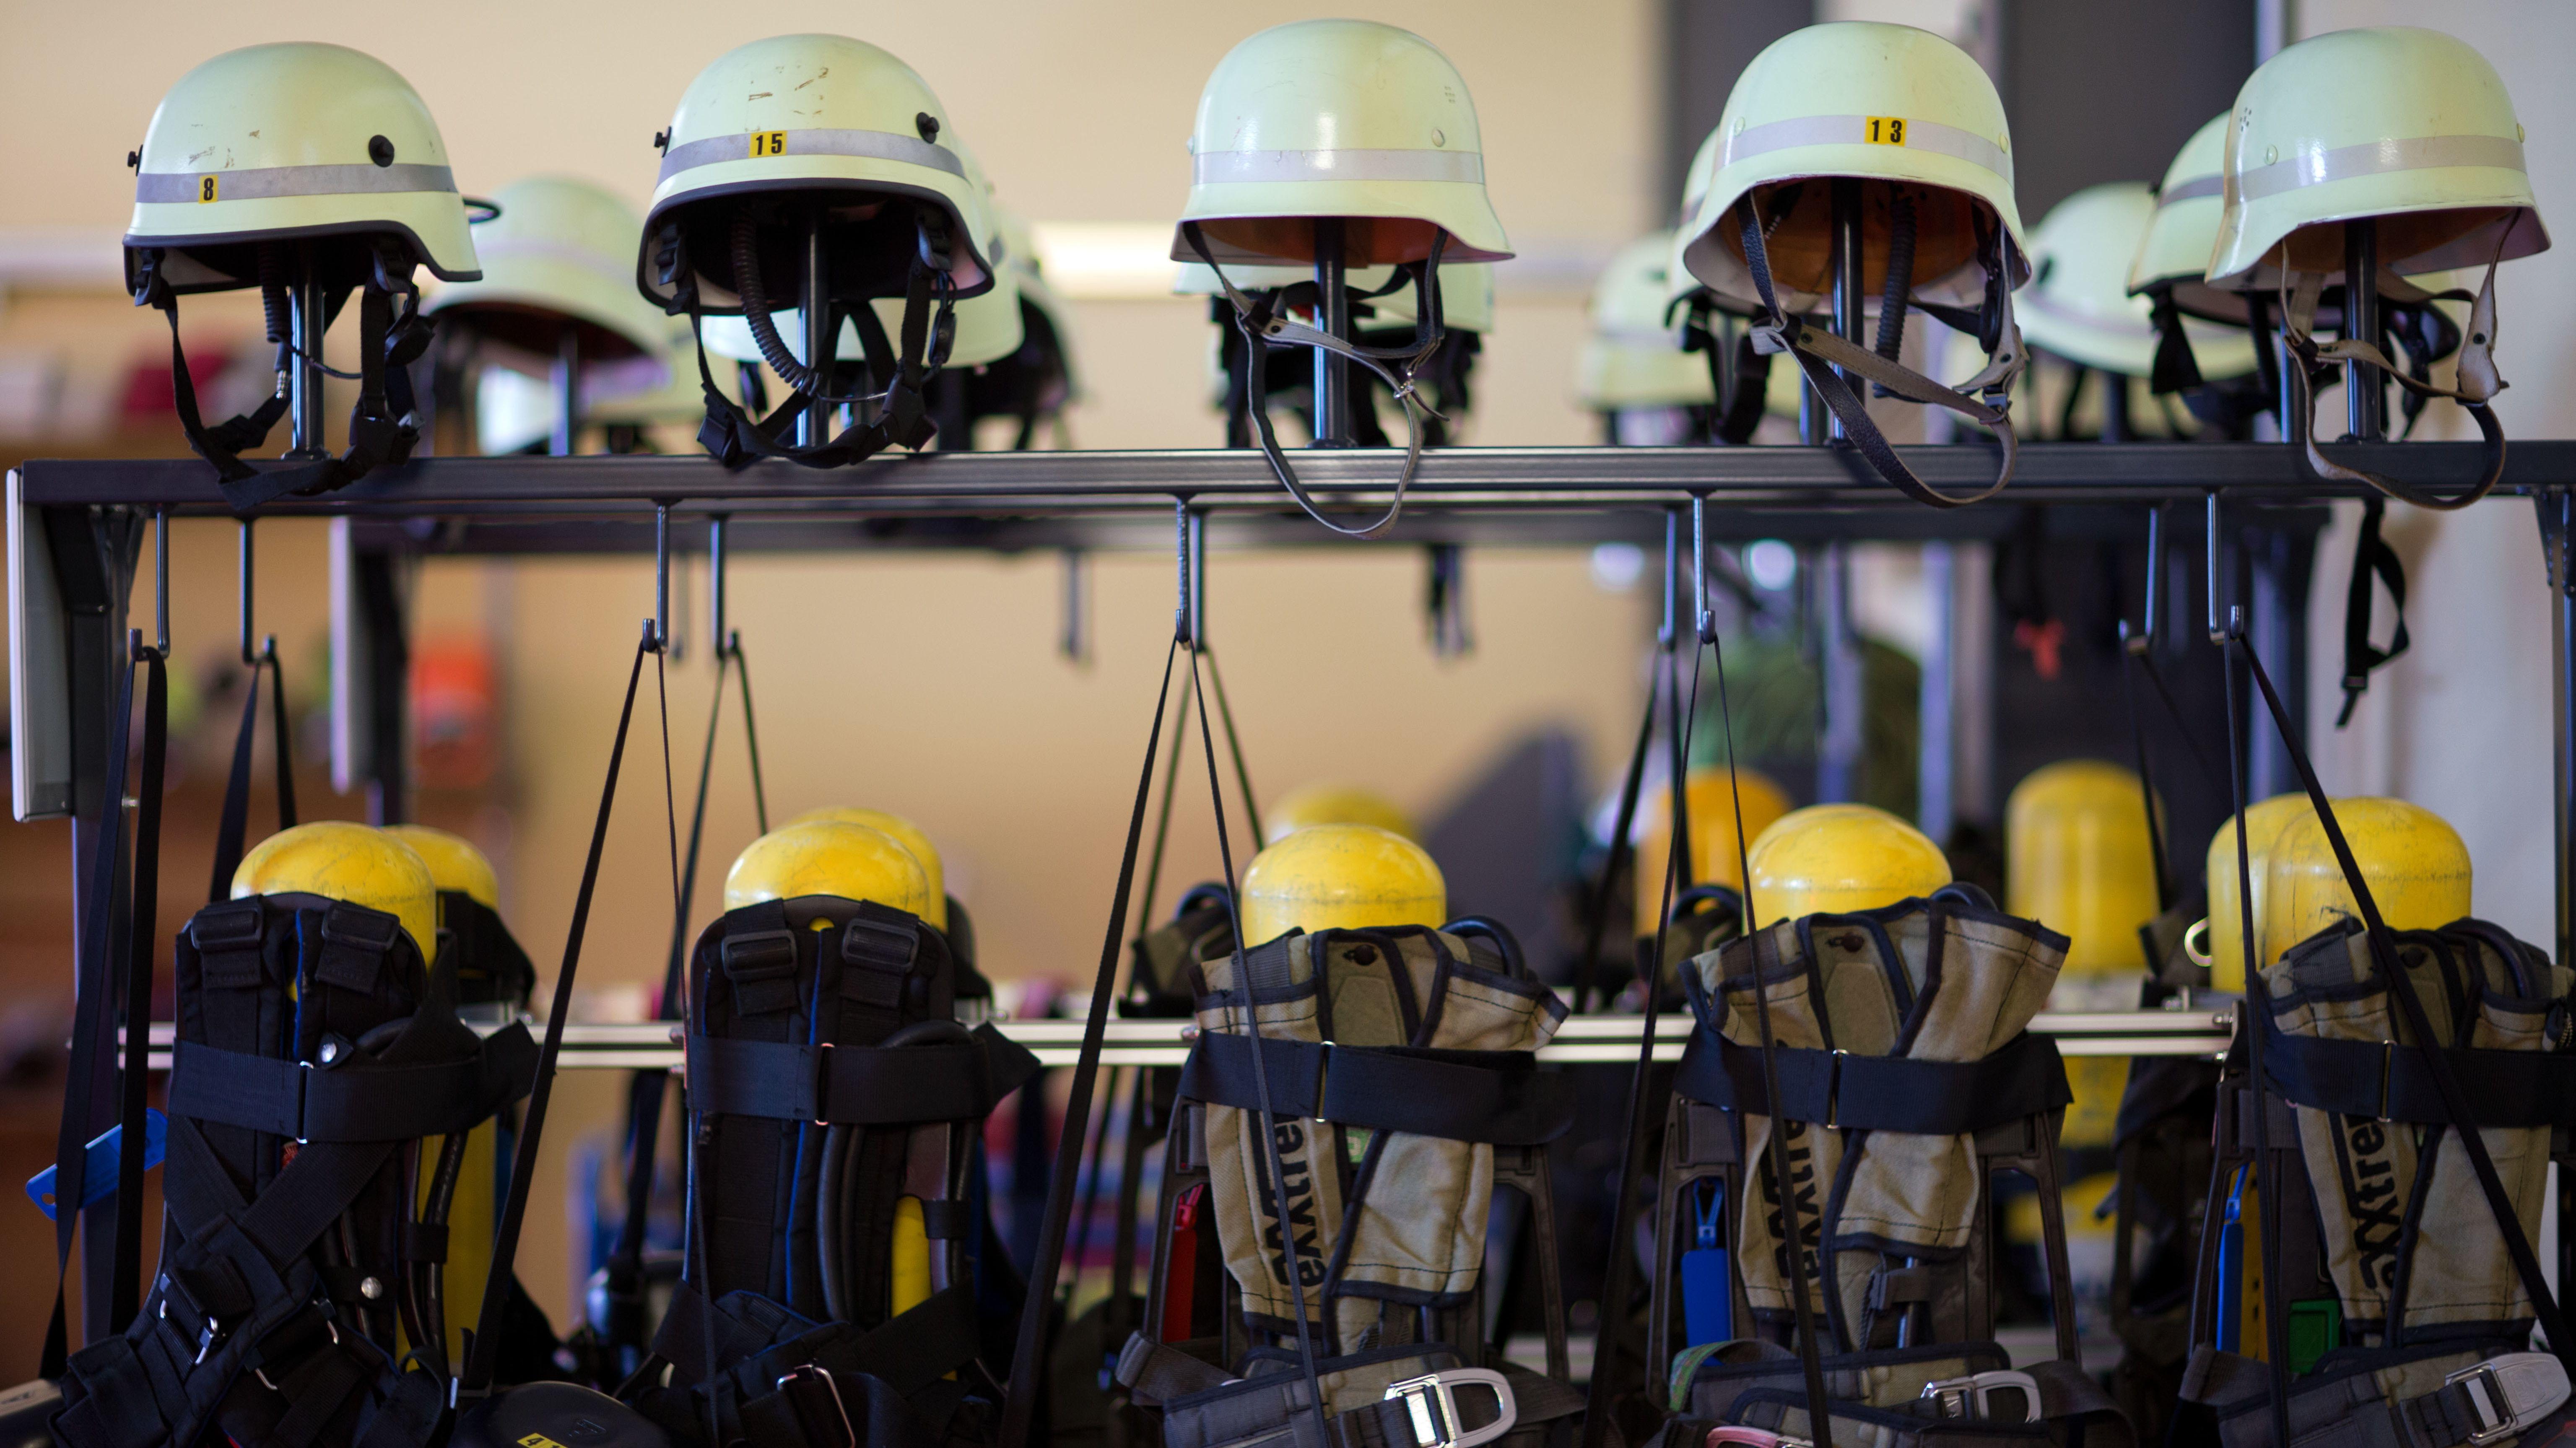 Die Feuerwehrschulen in Regensburg, Würzburg und Geretsried sollen mehr Personal bekommen.